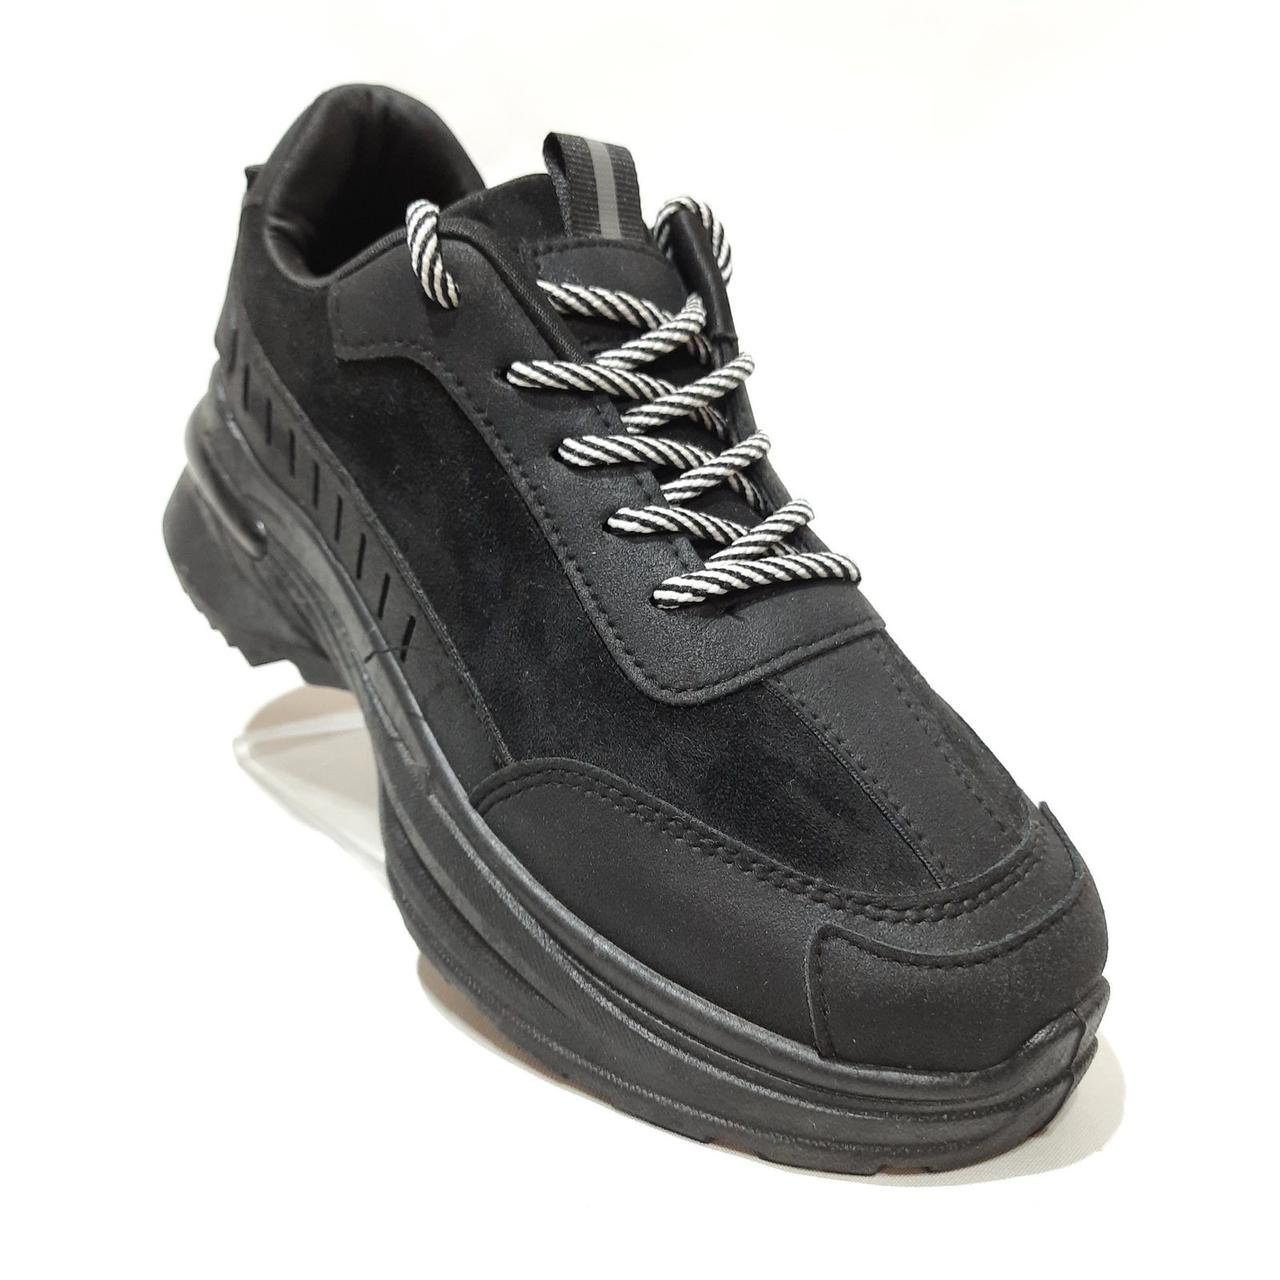 38 р. Жіночі кросівки весняні з еко-шкіри Чорні Остання пара